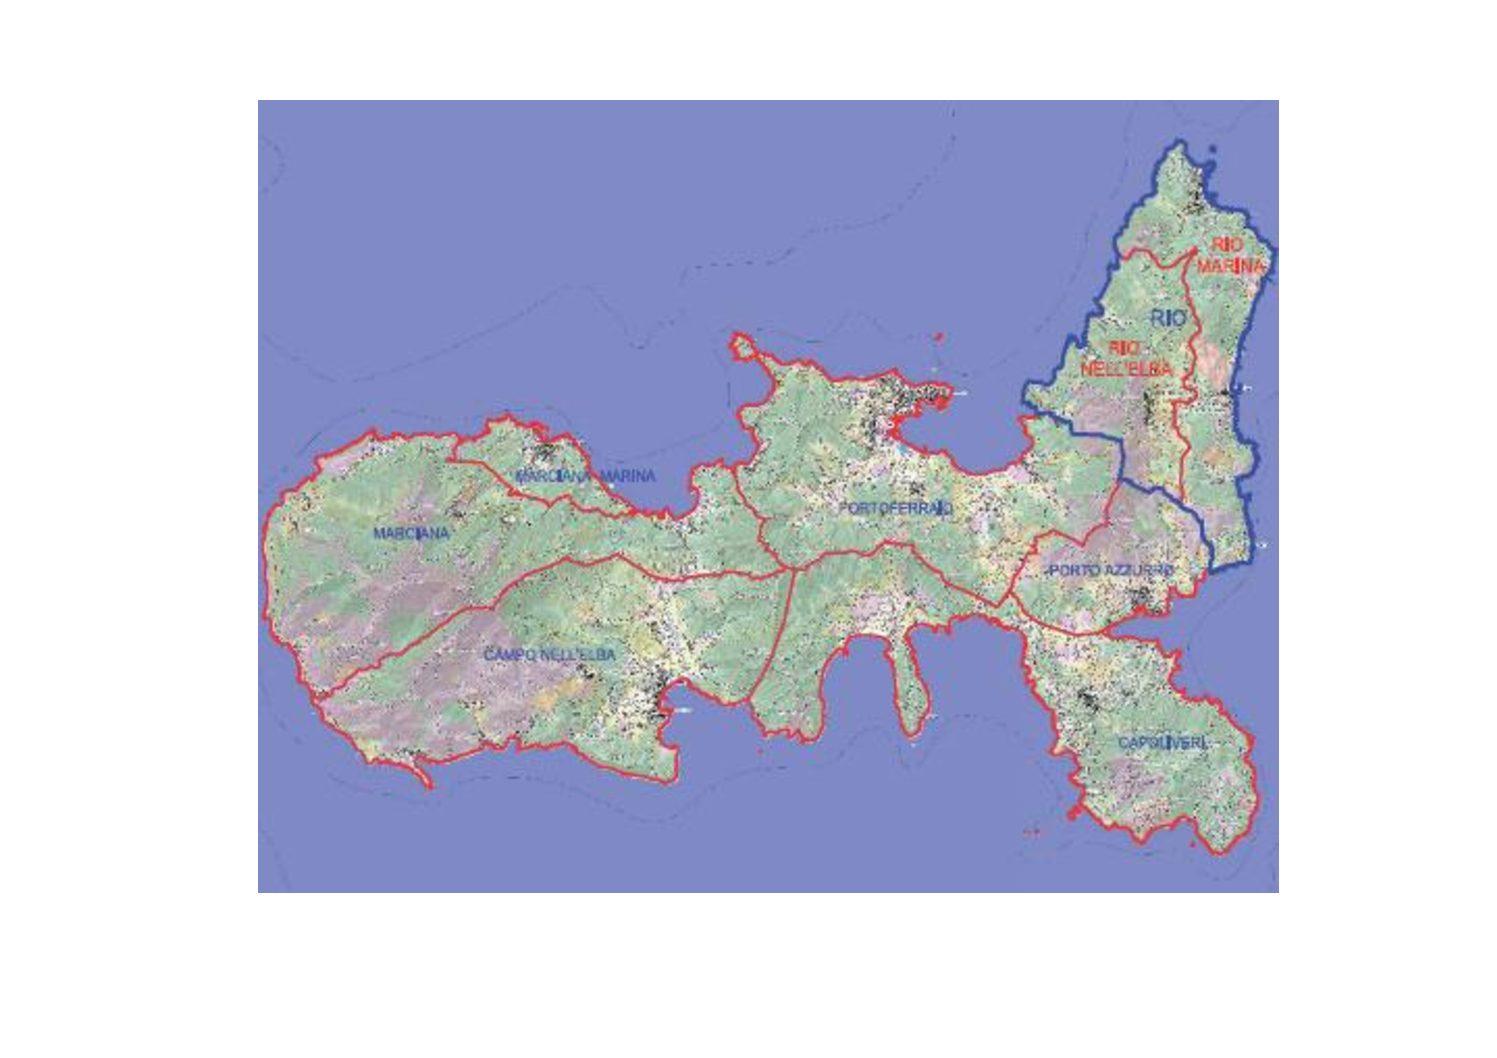 La fusione dei comuni di Rio Marina e Rio nell'Elba e le attività di Elbasharing